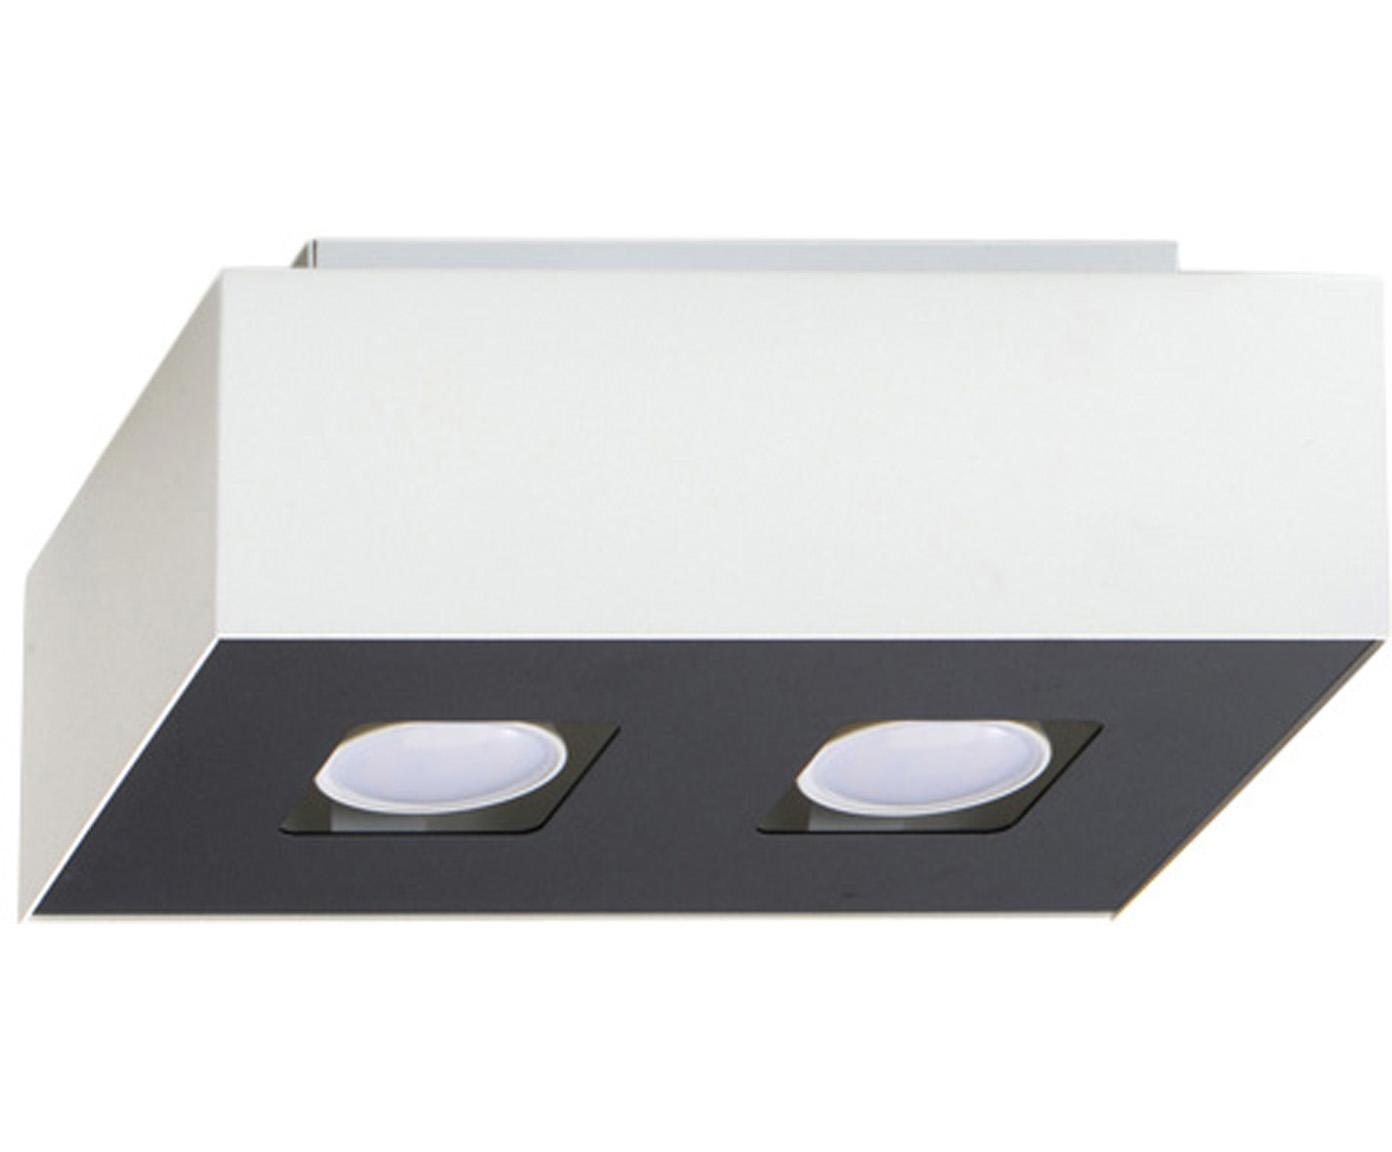 Plafoniera piccola Hydra, Paralume: acciaio rivestito, Baldacchino: acciaio rivestito, Bianco, nero, Larg. 24 x Alt. 11 cm